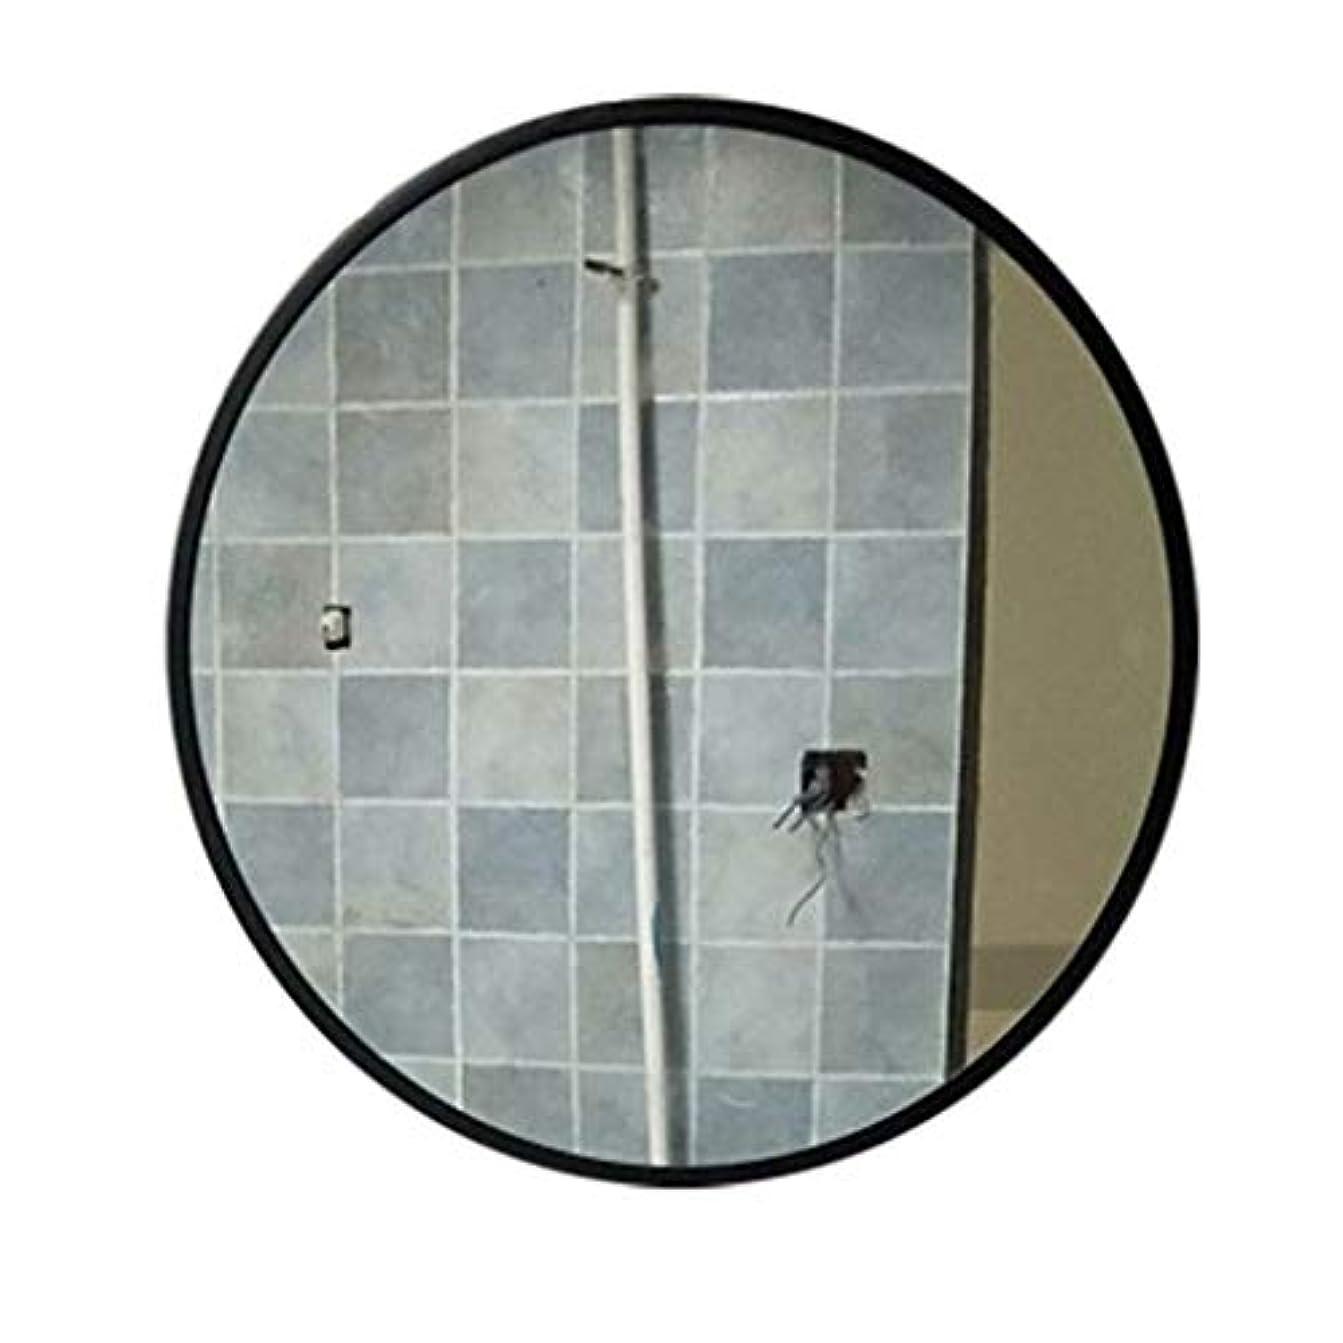 生きているピクニック憂鬱なTYJ-JP 鏡化粧鏡壁掛け鏡装飾鏡 HD化粧鏡北欧風鏡プリンセス鏡フリーパンチガラス鏡 (Color : Gold, Size : 80*80cm)